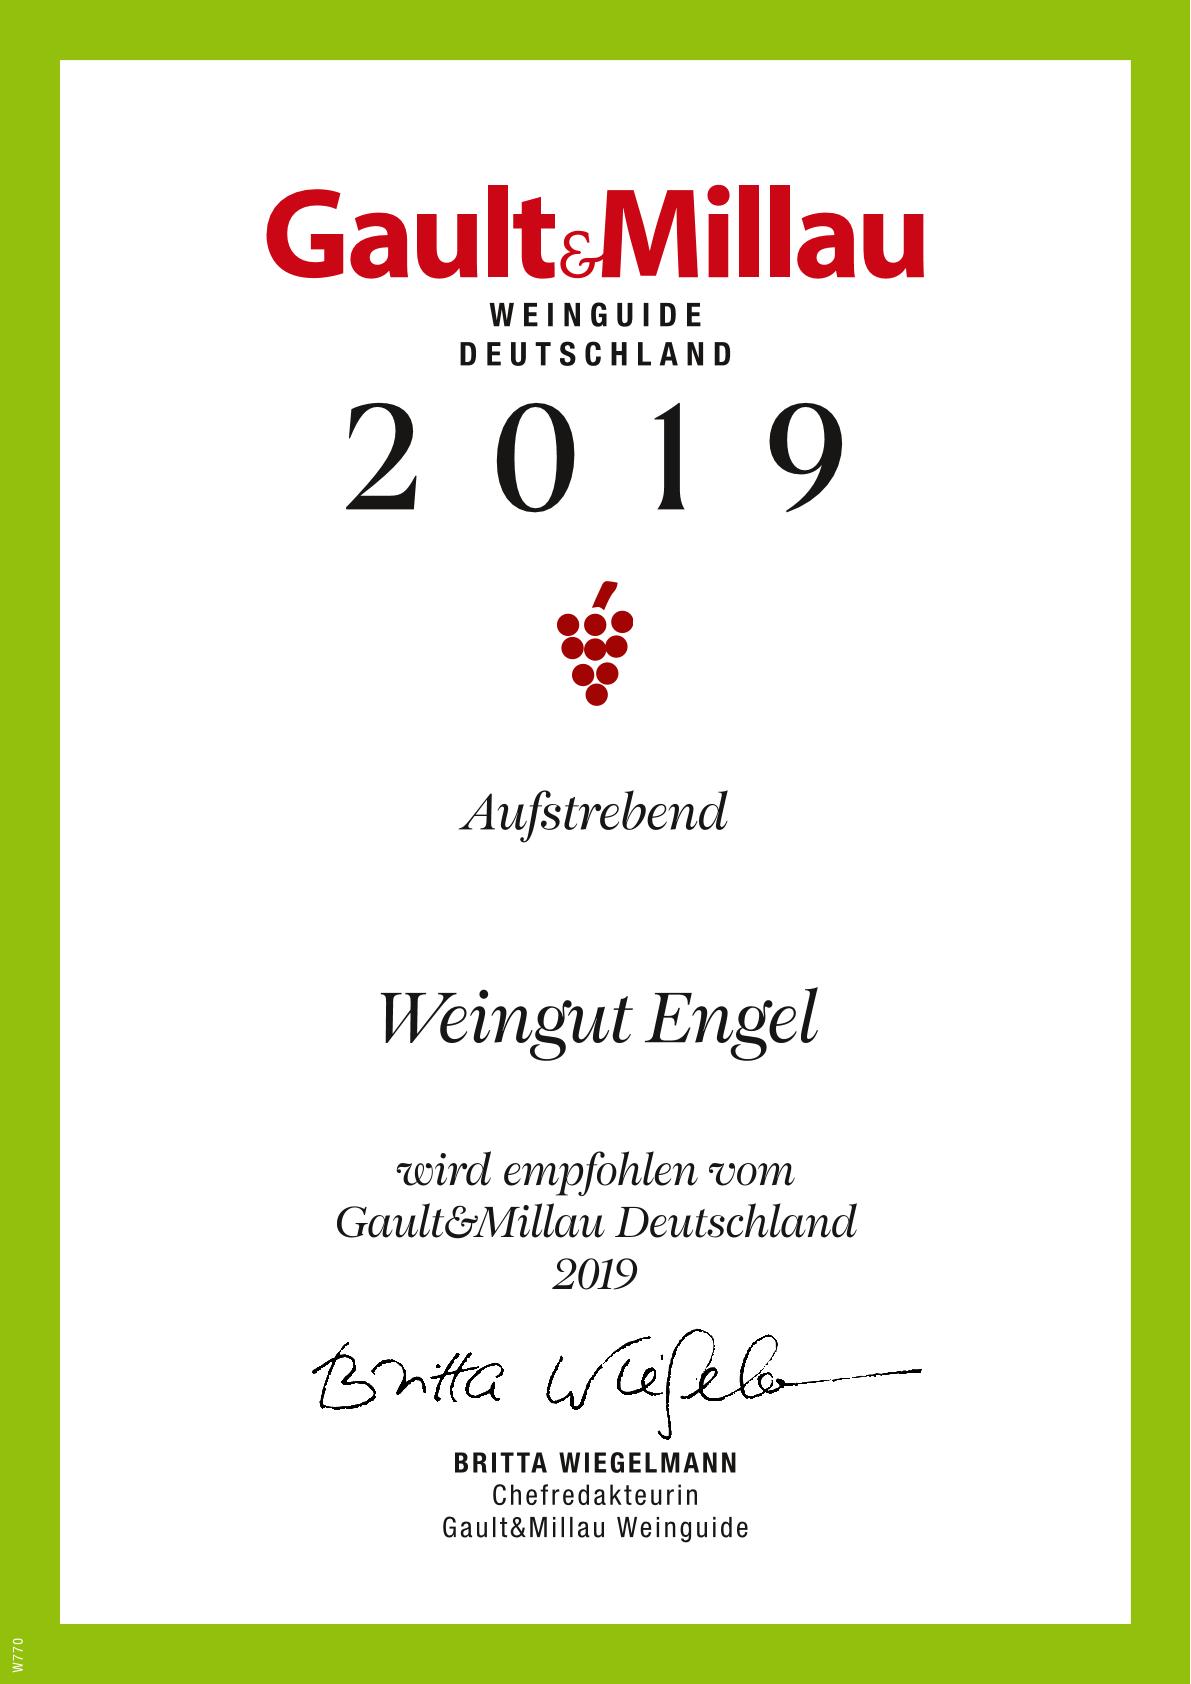 Gault & Millau / Wein 2019